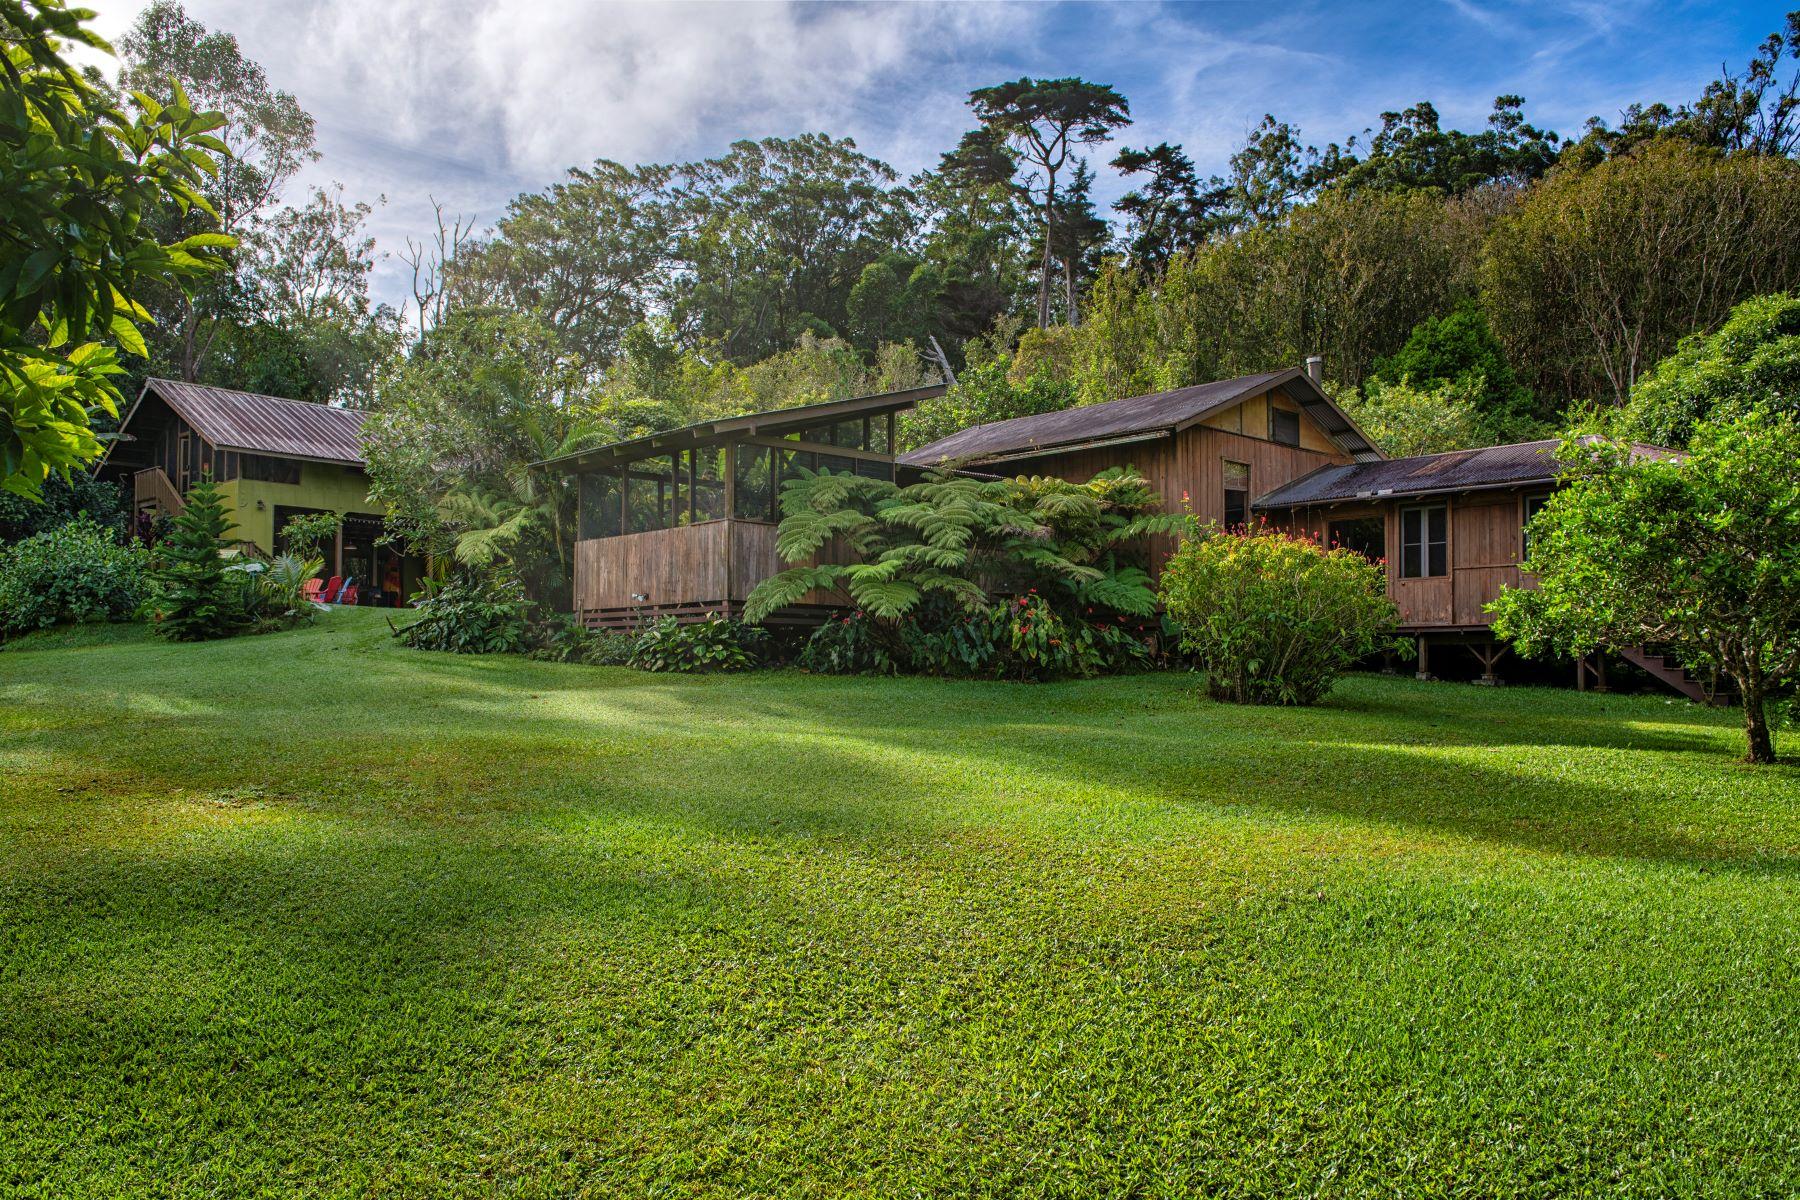 農場 / 牧場 / 種植場 為 出售 在 46-4306 Kahana Dr., Honoka'a, HI 96727 Honokaa, 夏威夷 96727 美國